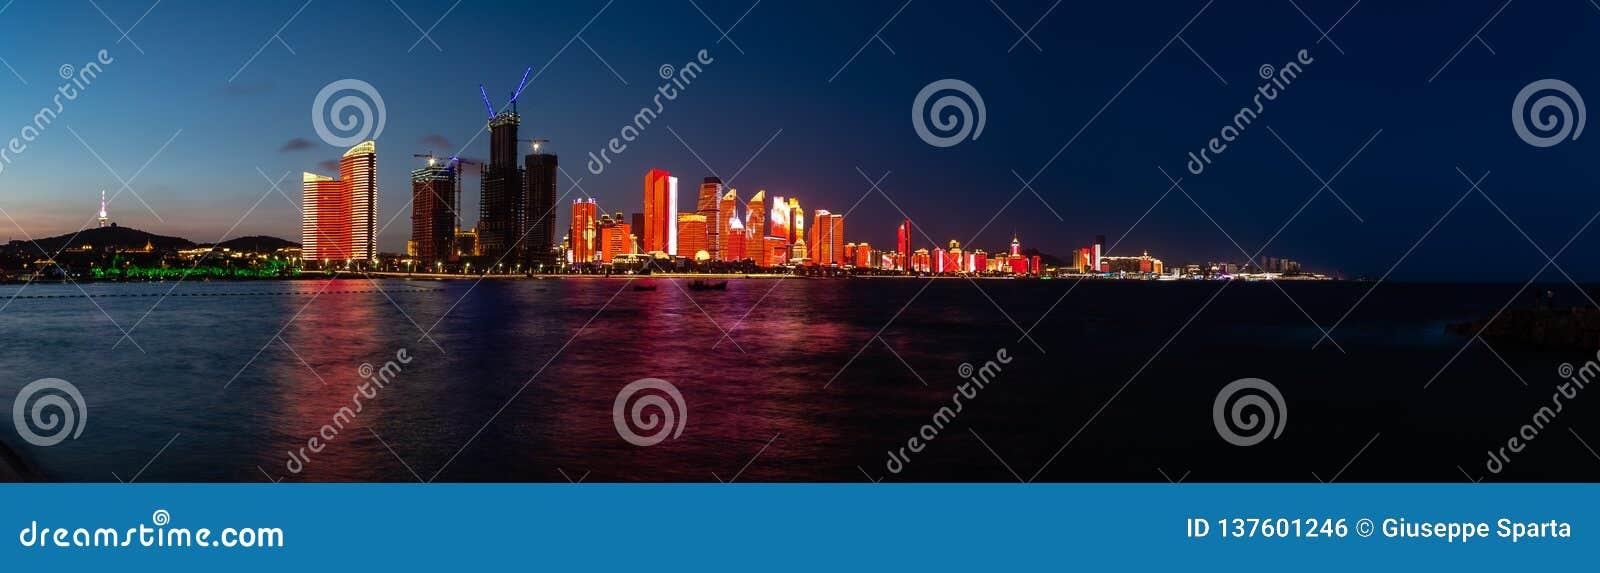 Lipiec 2018 tworzył dla SCO szczytu nowy lightshow Qingdao linia horyzontu - Qingdao, Chiny -